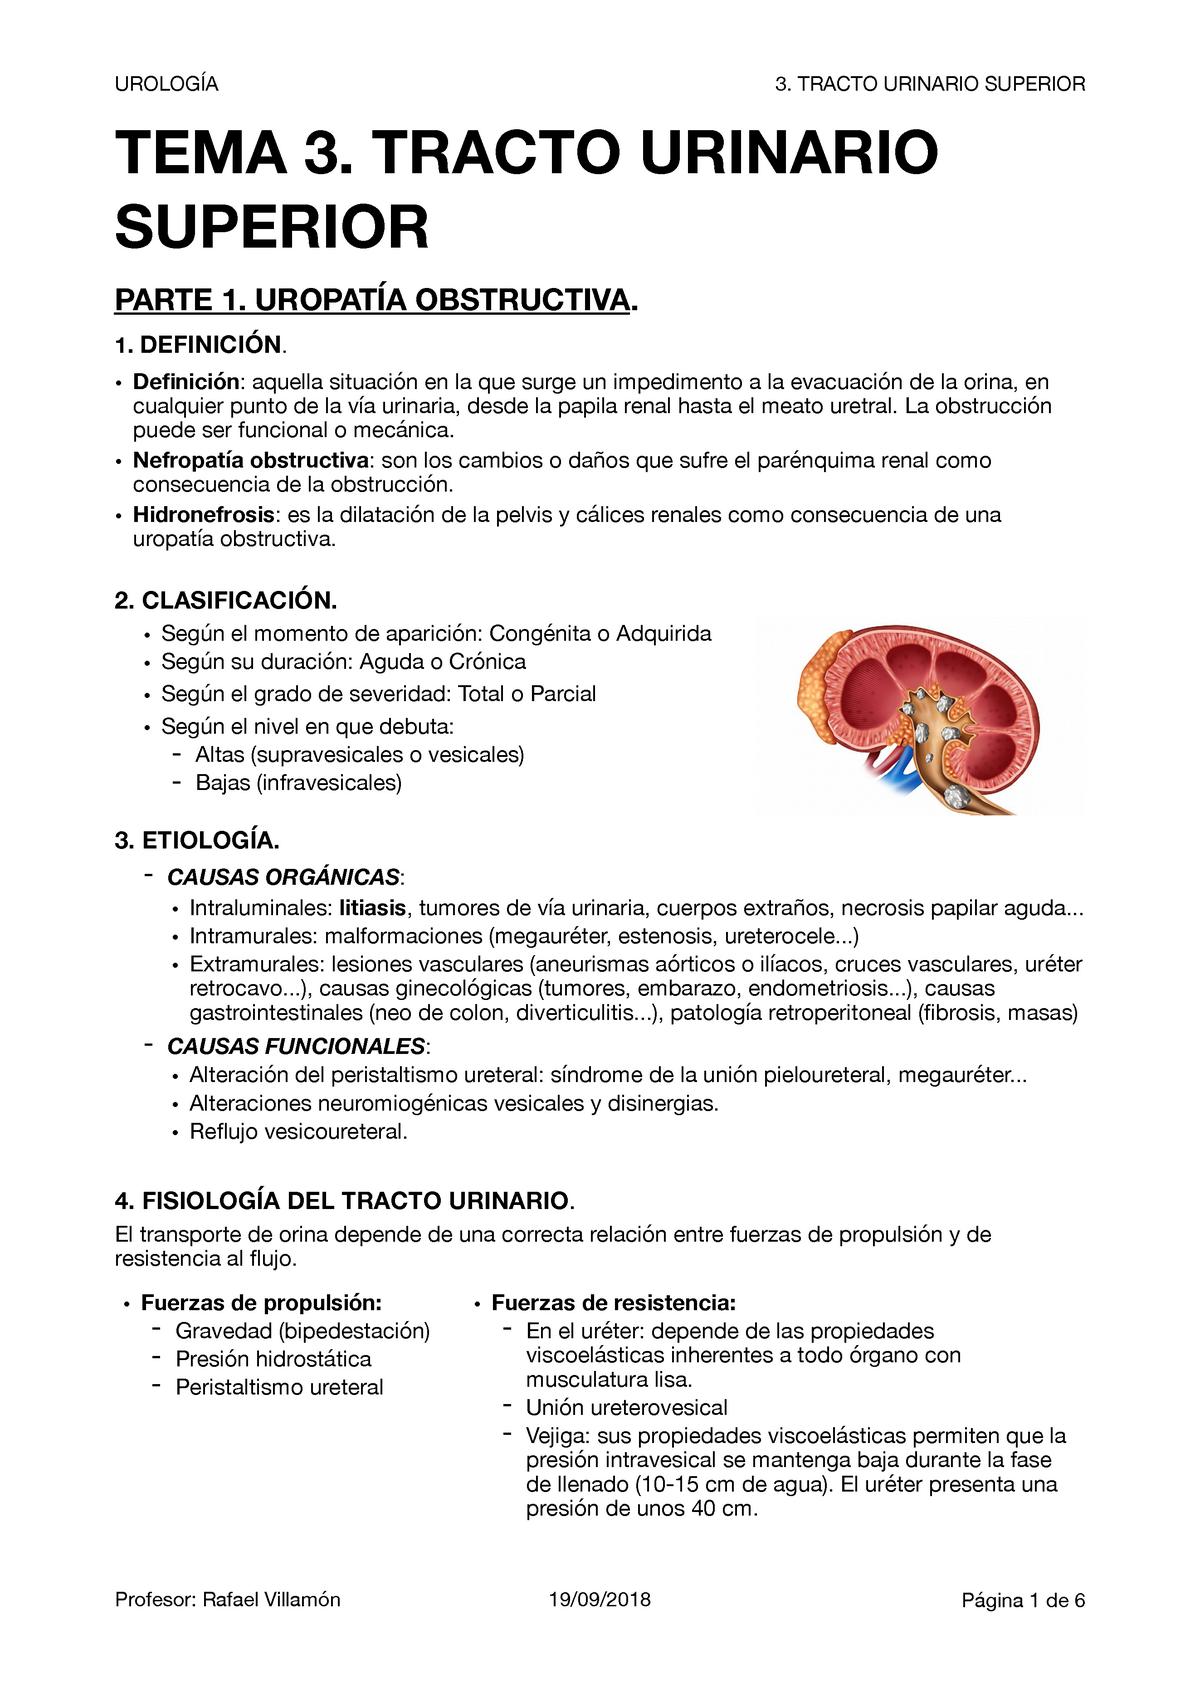 obstrucción del tracto urinario